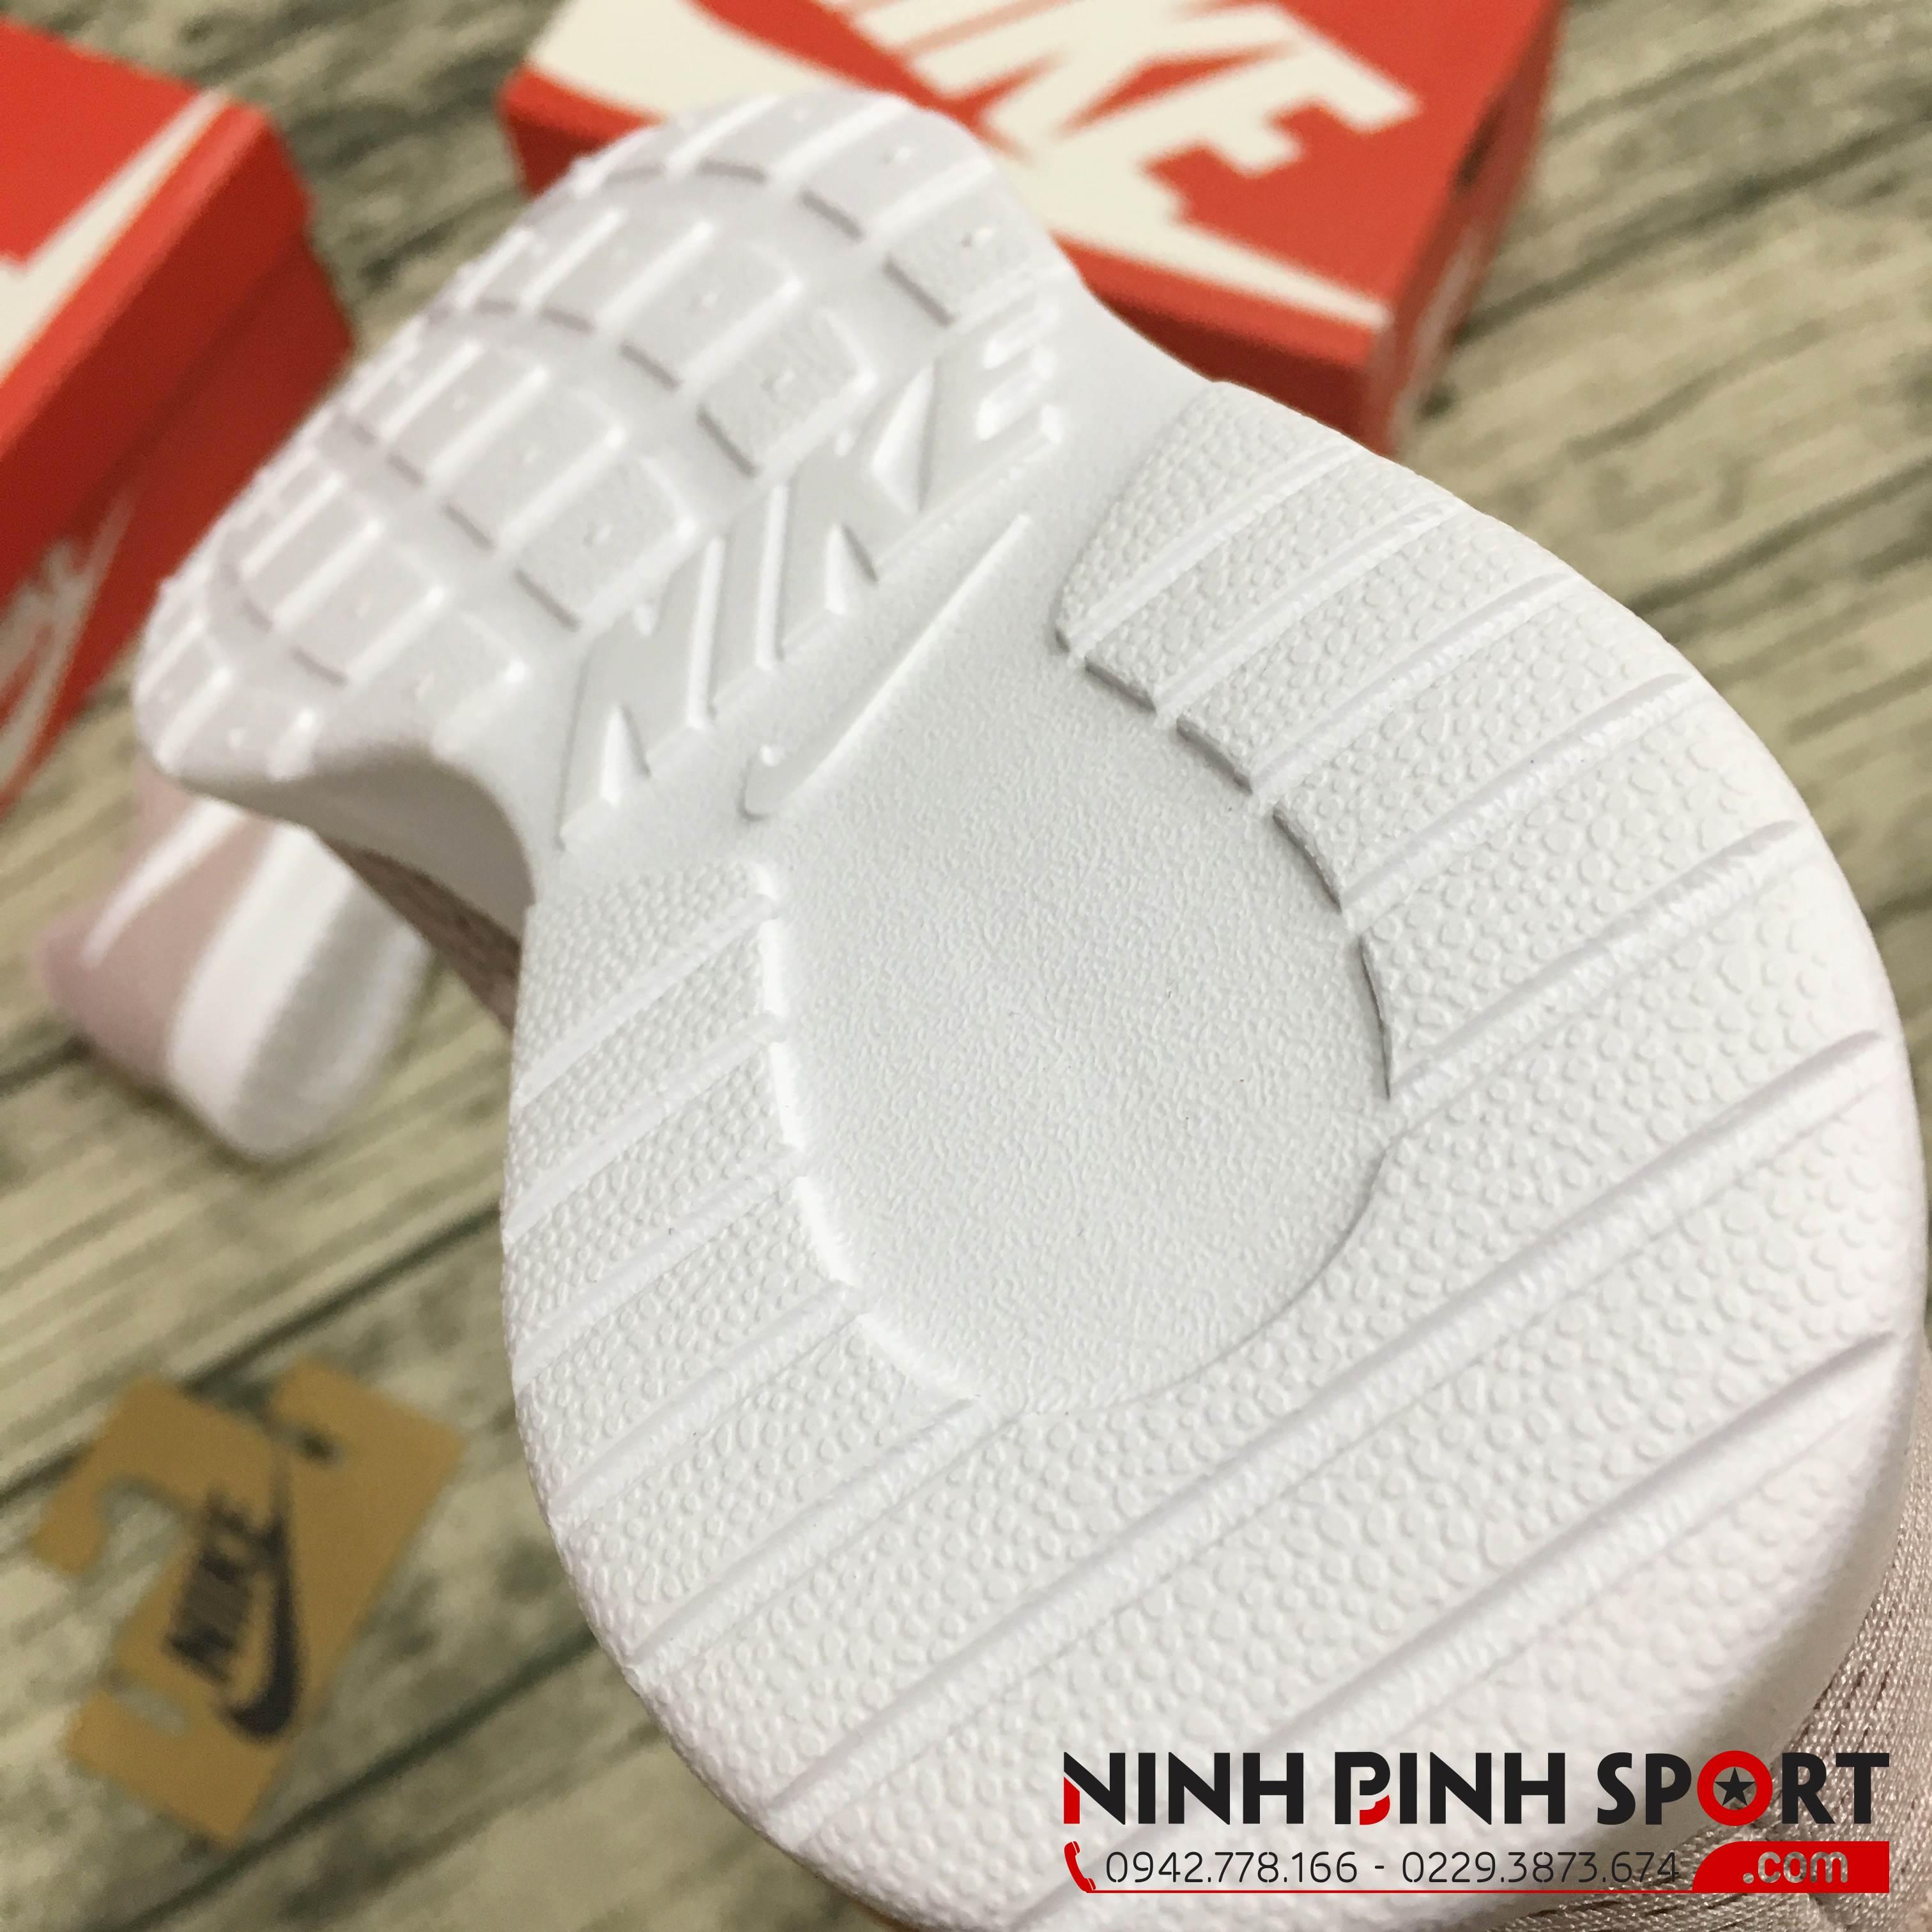 Giày thể thao nữ Nike Tanjun Particle Rose Pink 812655-605